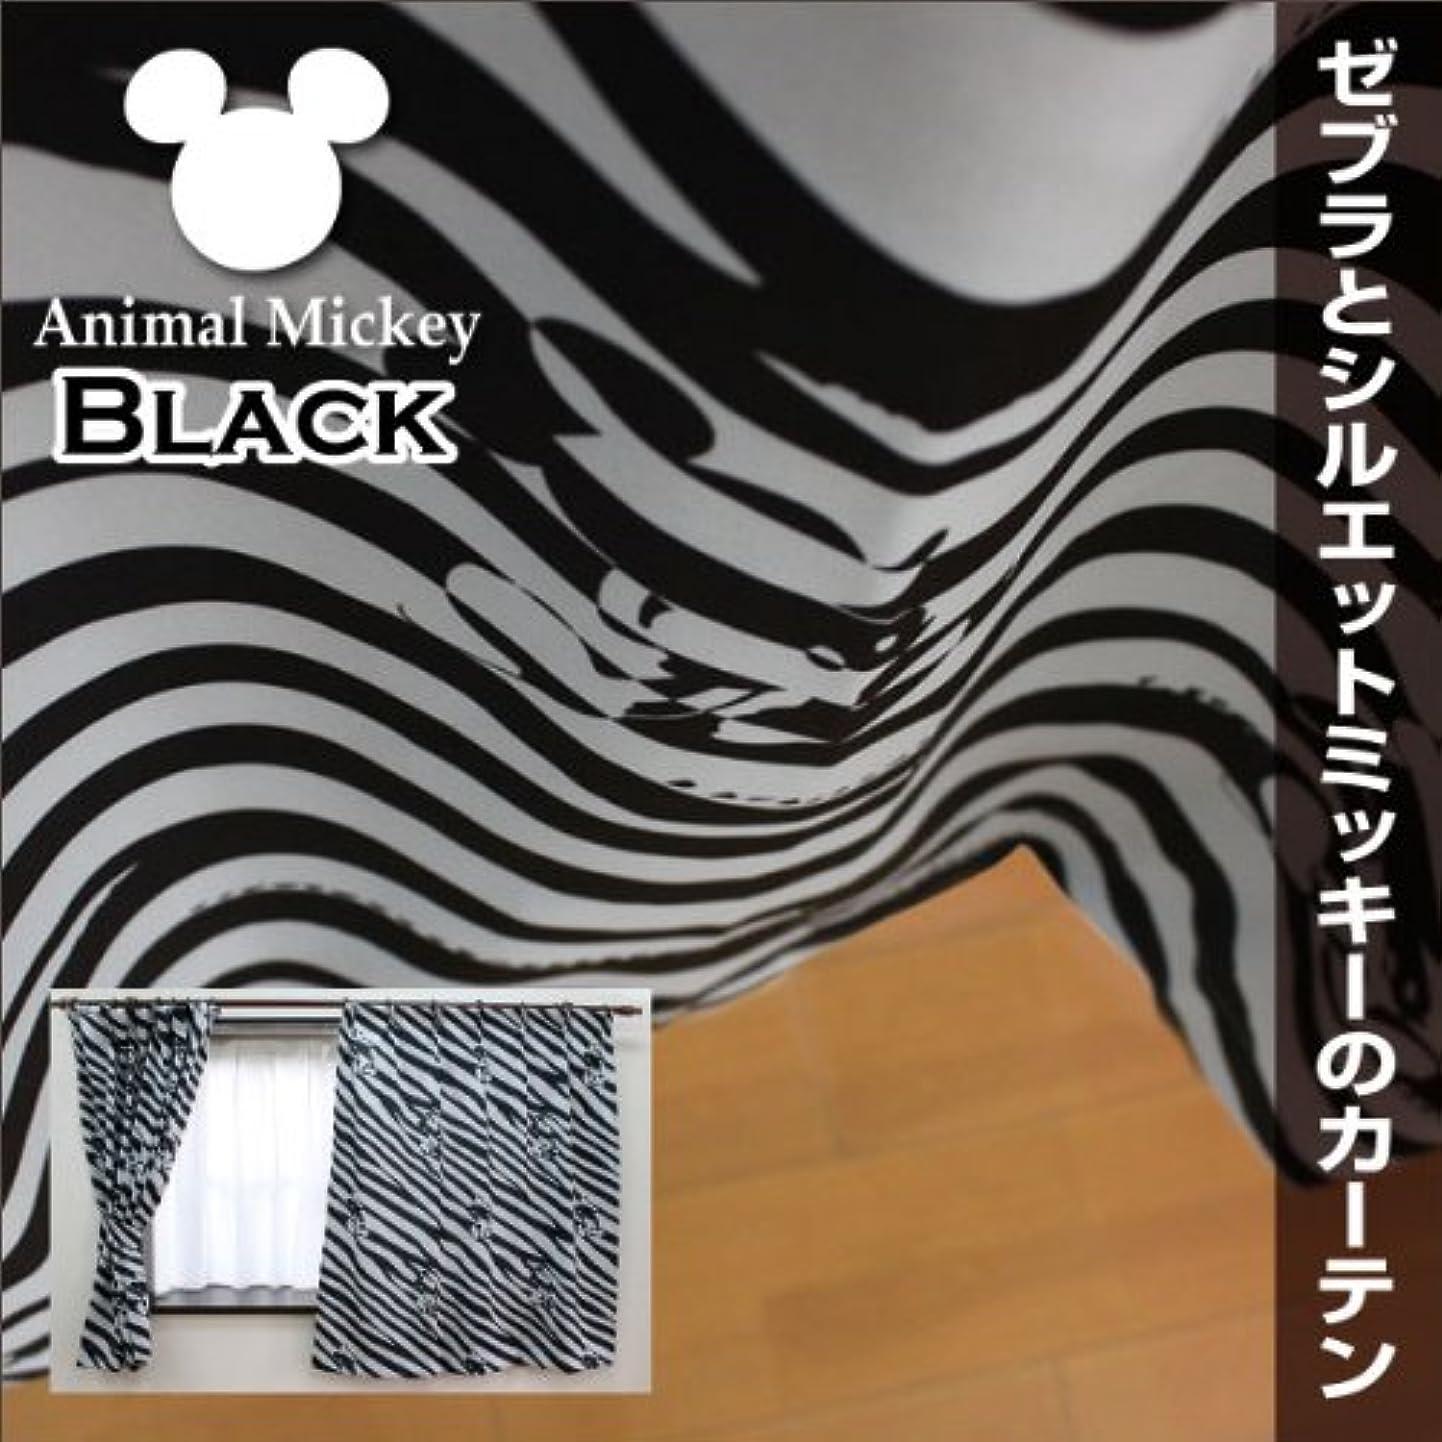 どれ補助エンドテーブルゼブラ模様とミッキーのコラボ/ミッキーのシルエットデザイン/遮光カーテン/ウォッシャブル 100cm×178cm ブラック 2枚組